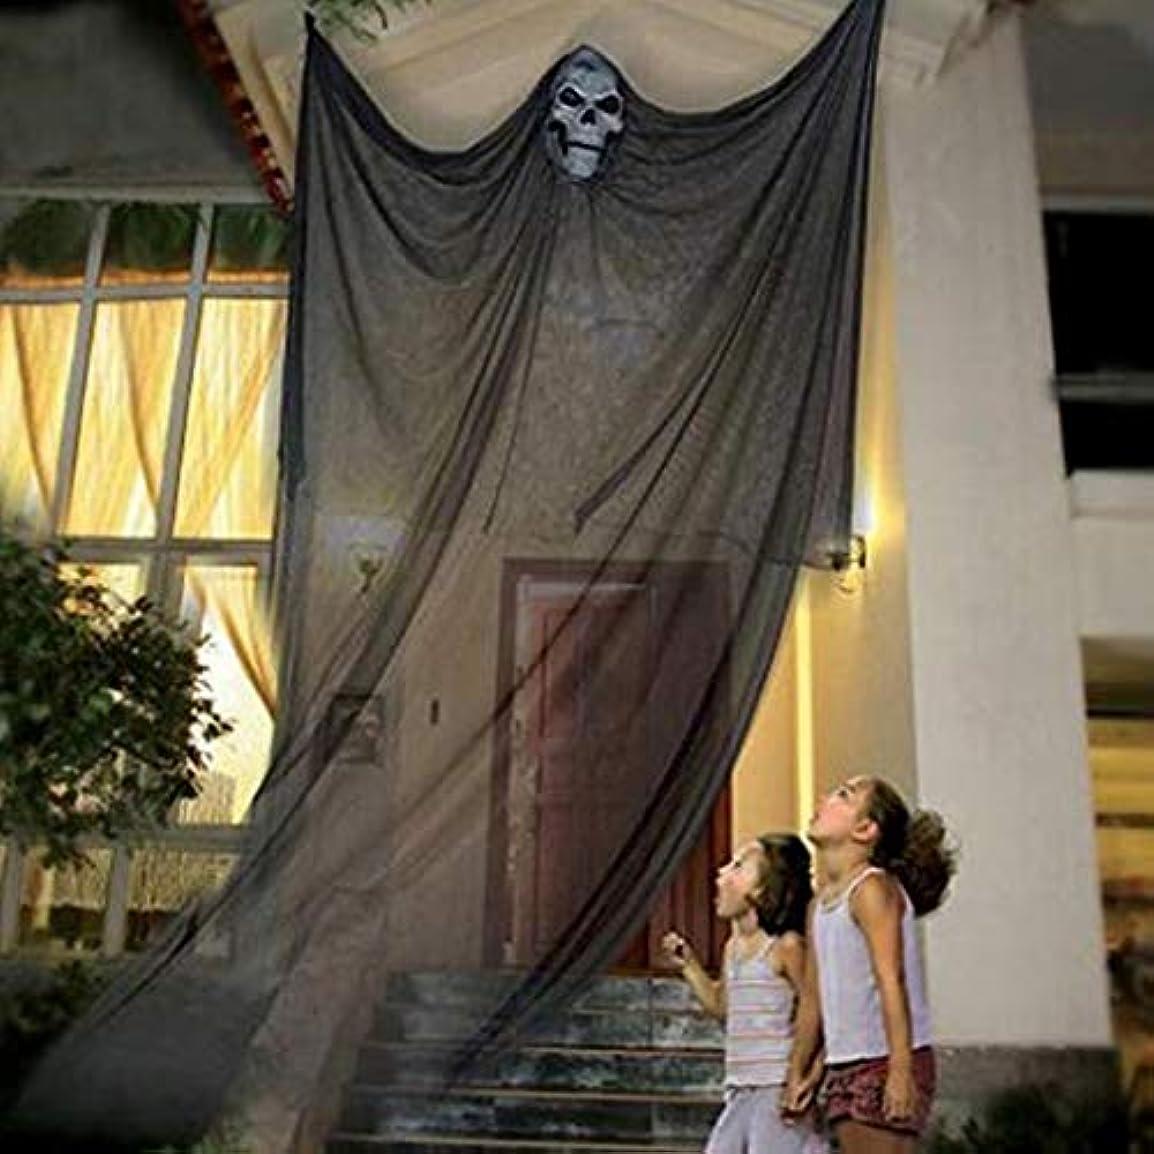 良さ歴史家薄める屋外党家のためのハロウィーンの装飾の掛かる幻影の怖いカーテン (Color : ORANGE)